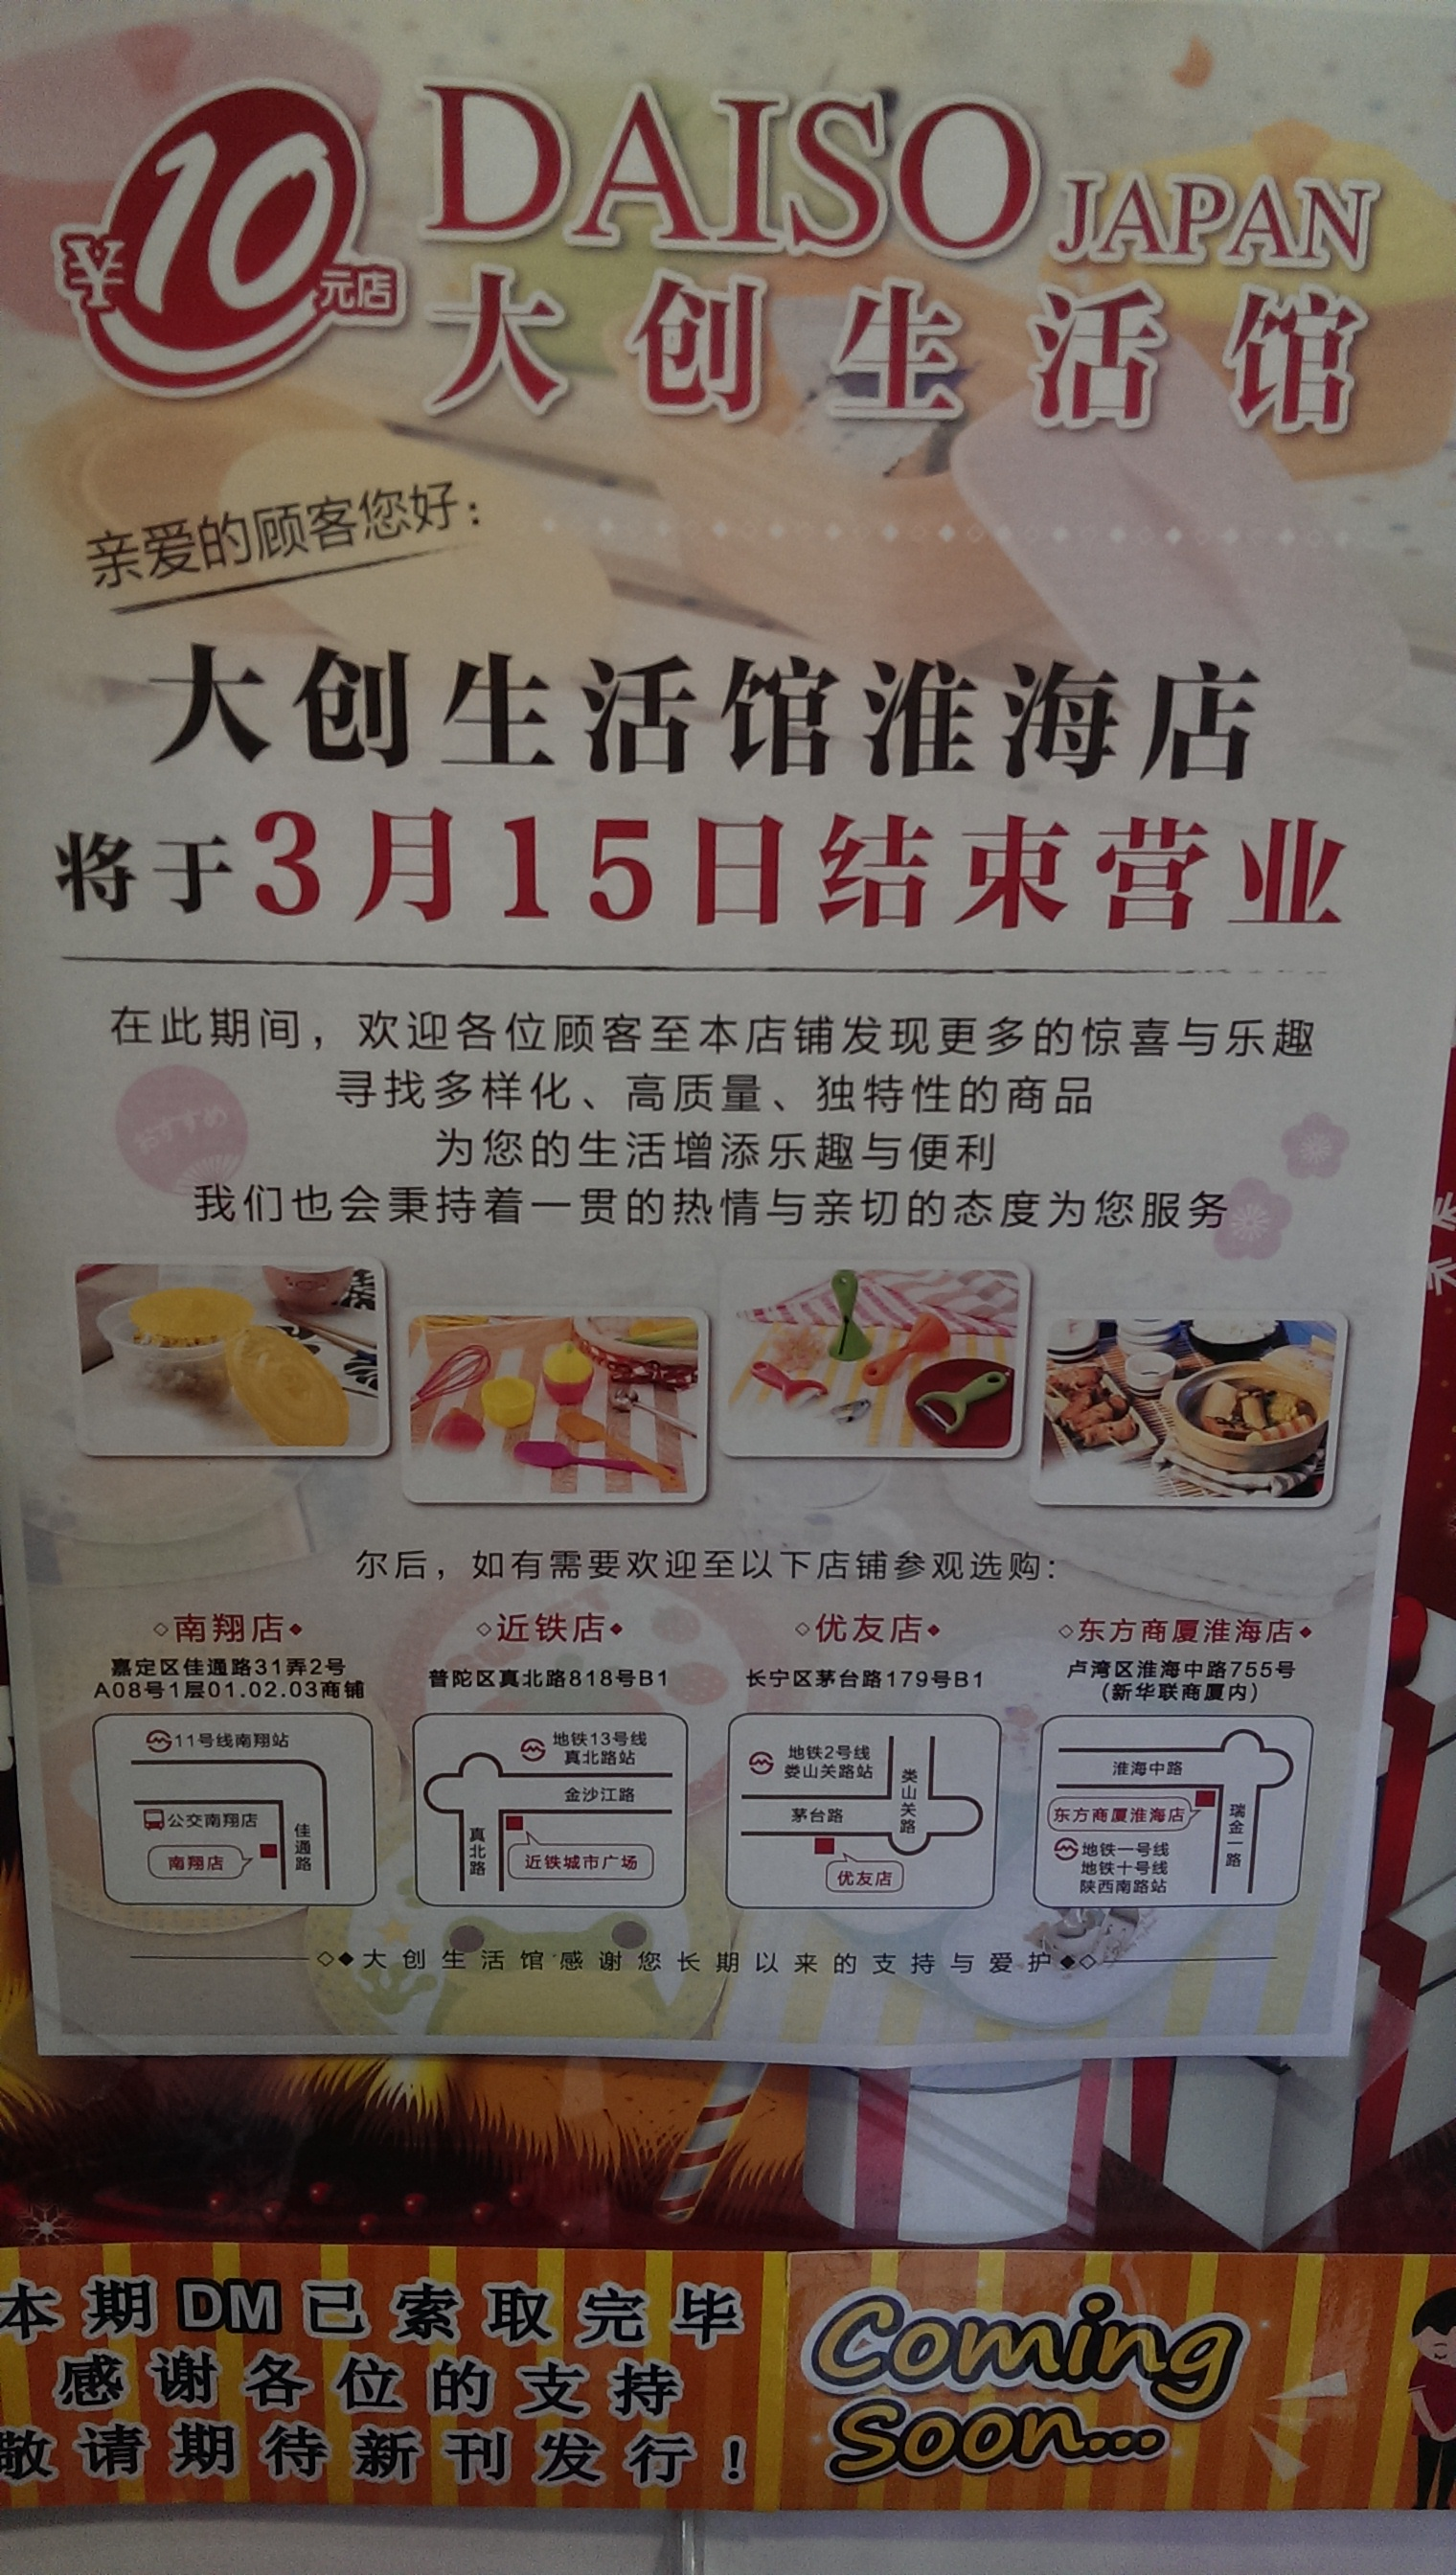 DAISO上海閉店